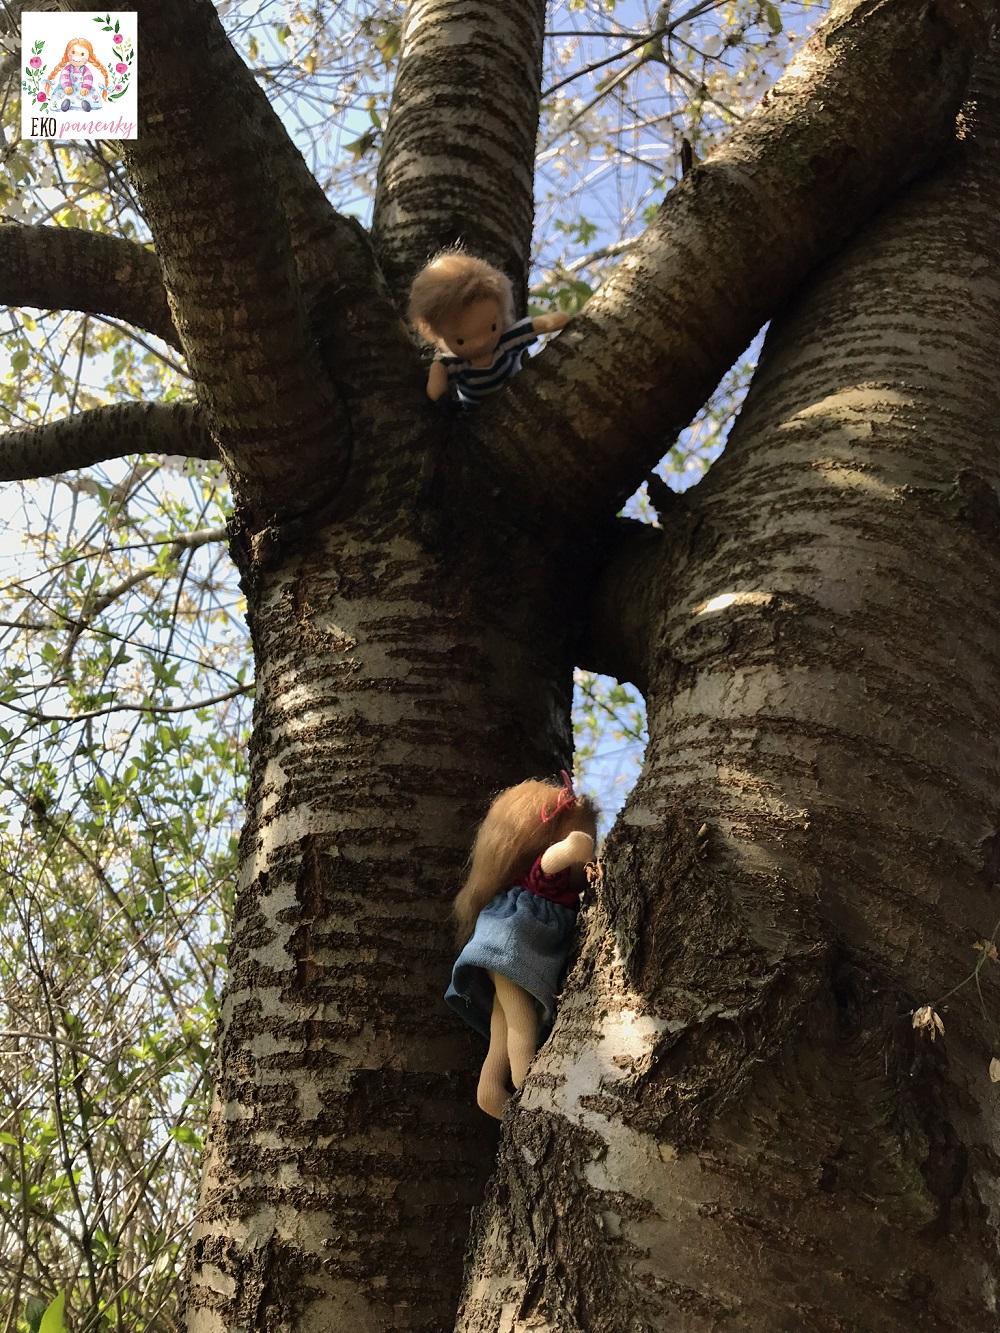 sourozenci do kapsy, malé ručně šité panenky z přírodních materiálů lezou po stromě, ekopanenky, panenky s duší